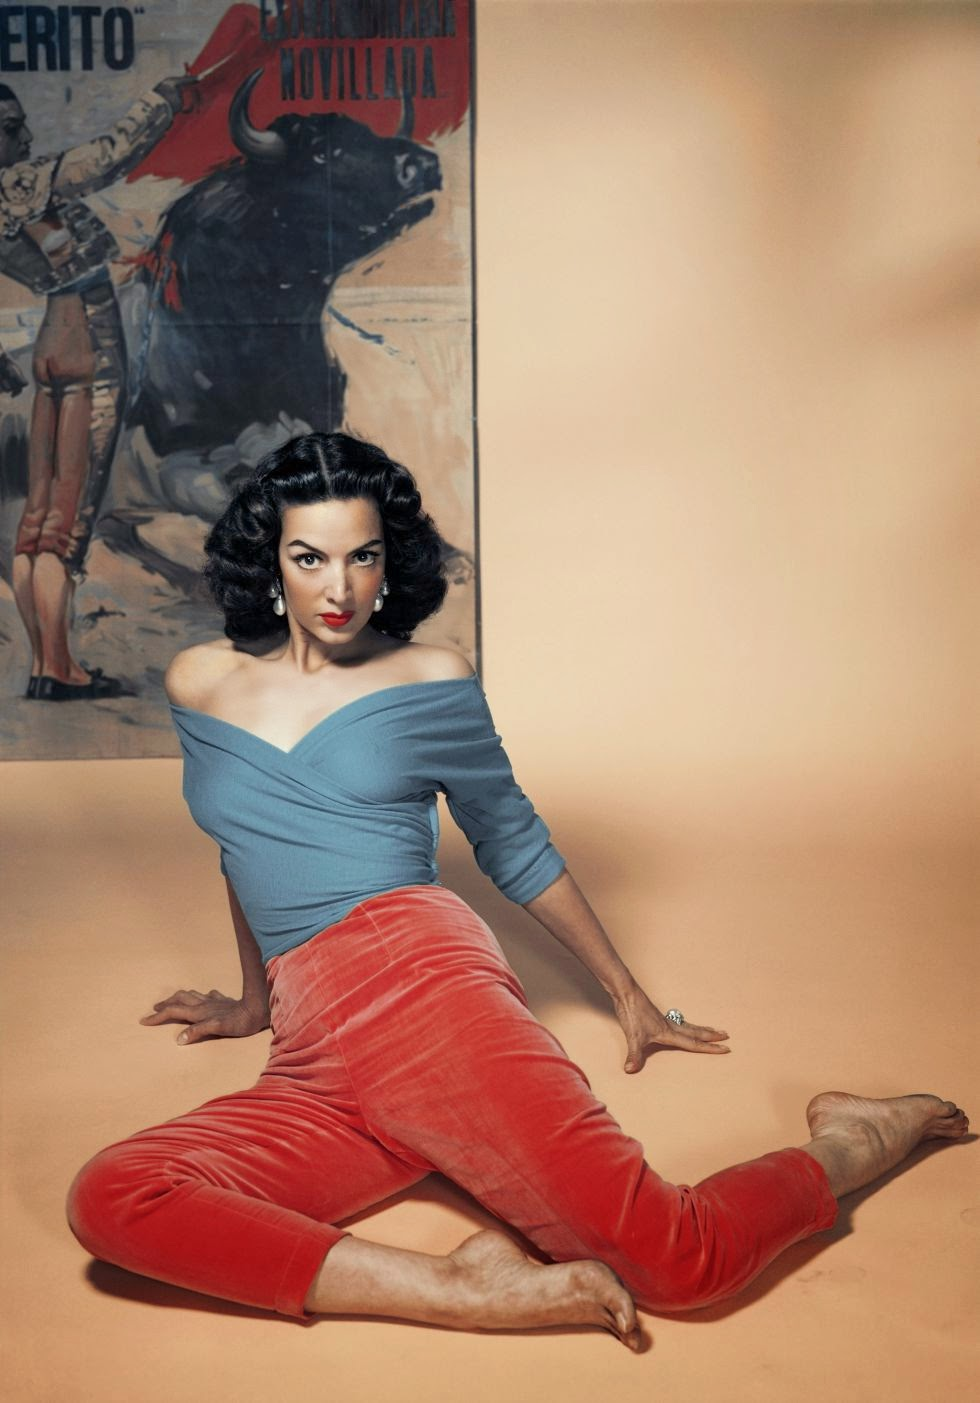 María Félix_Philippe Halsman_1956